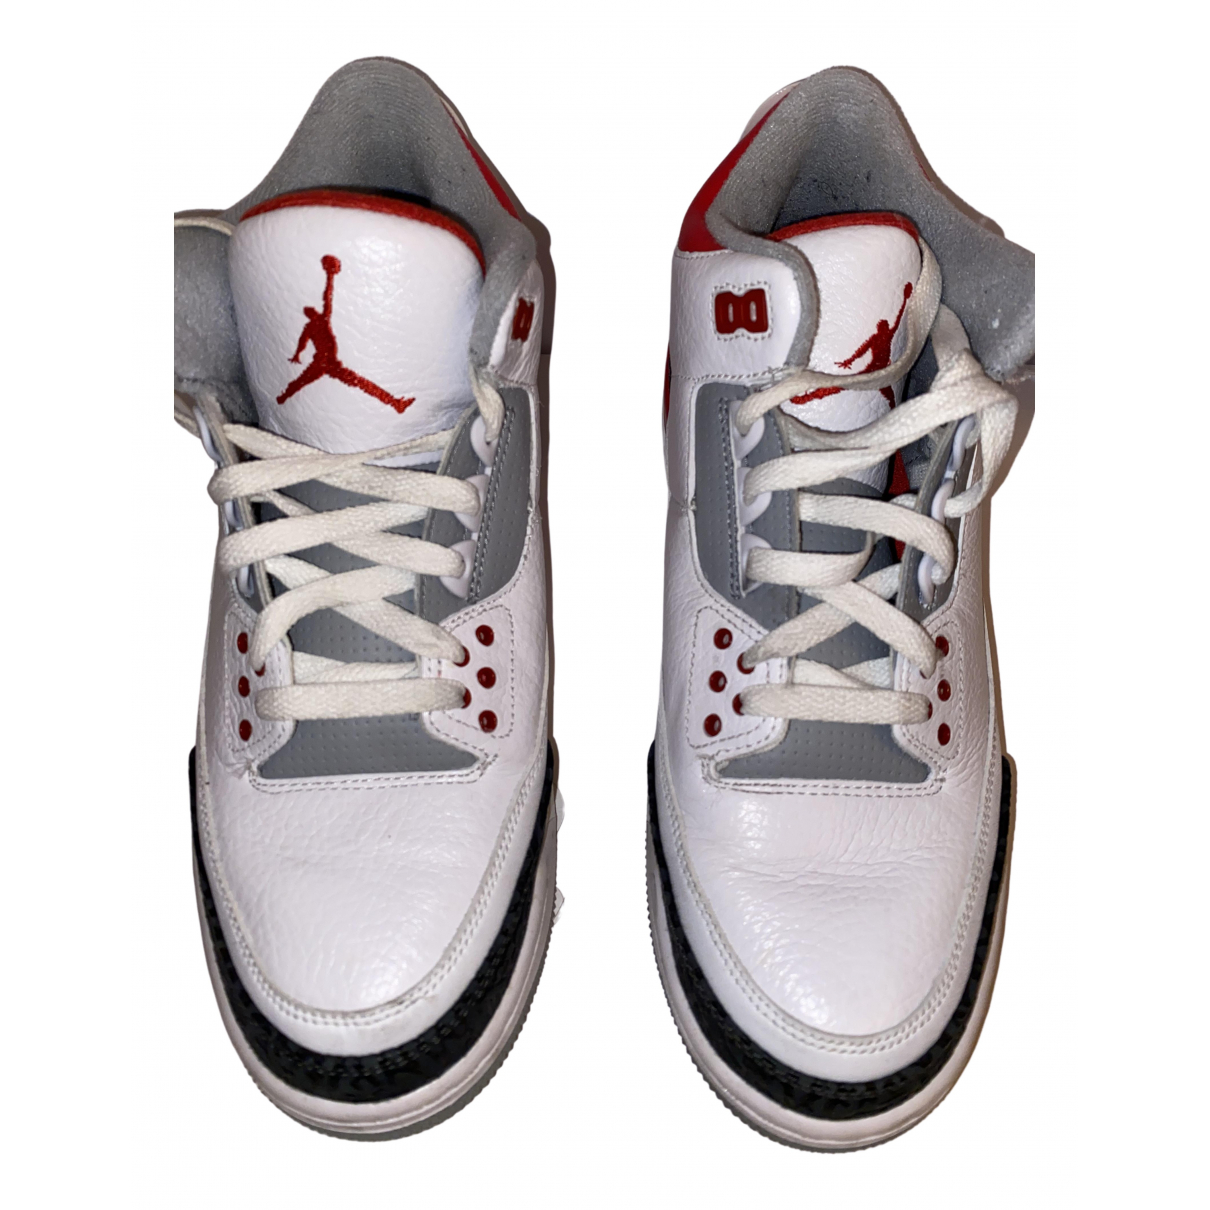 Jordan Air Jordan 3 White Leather Trainers for Men 42 EU